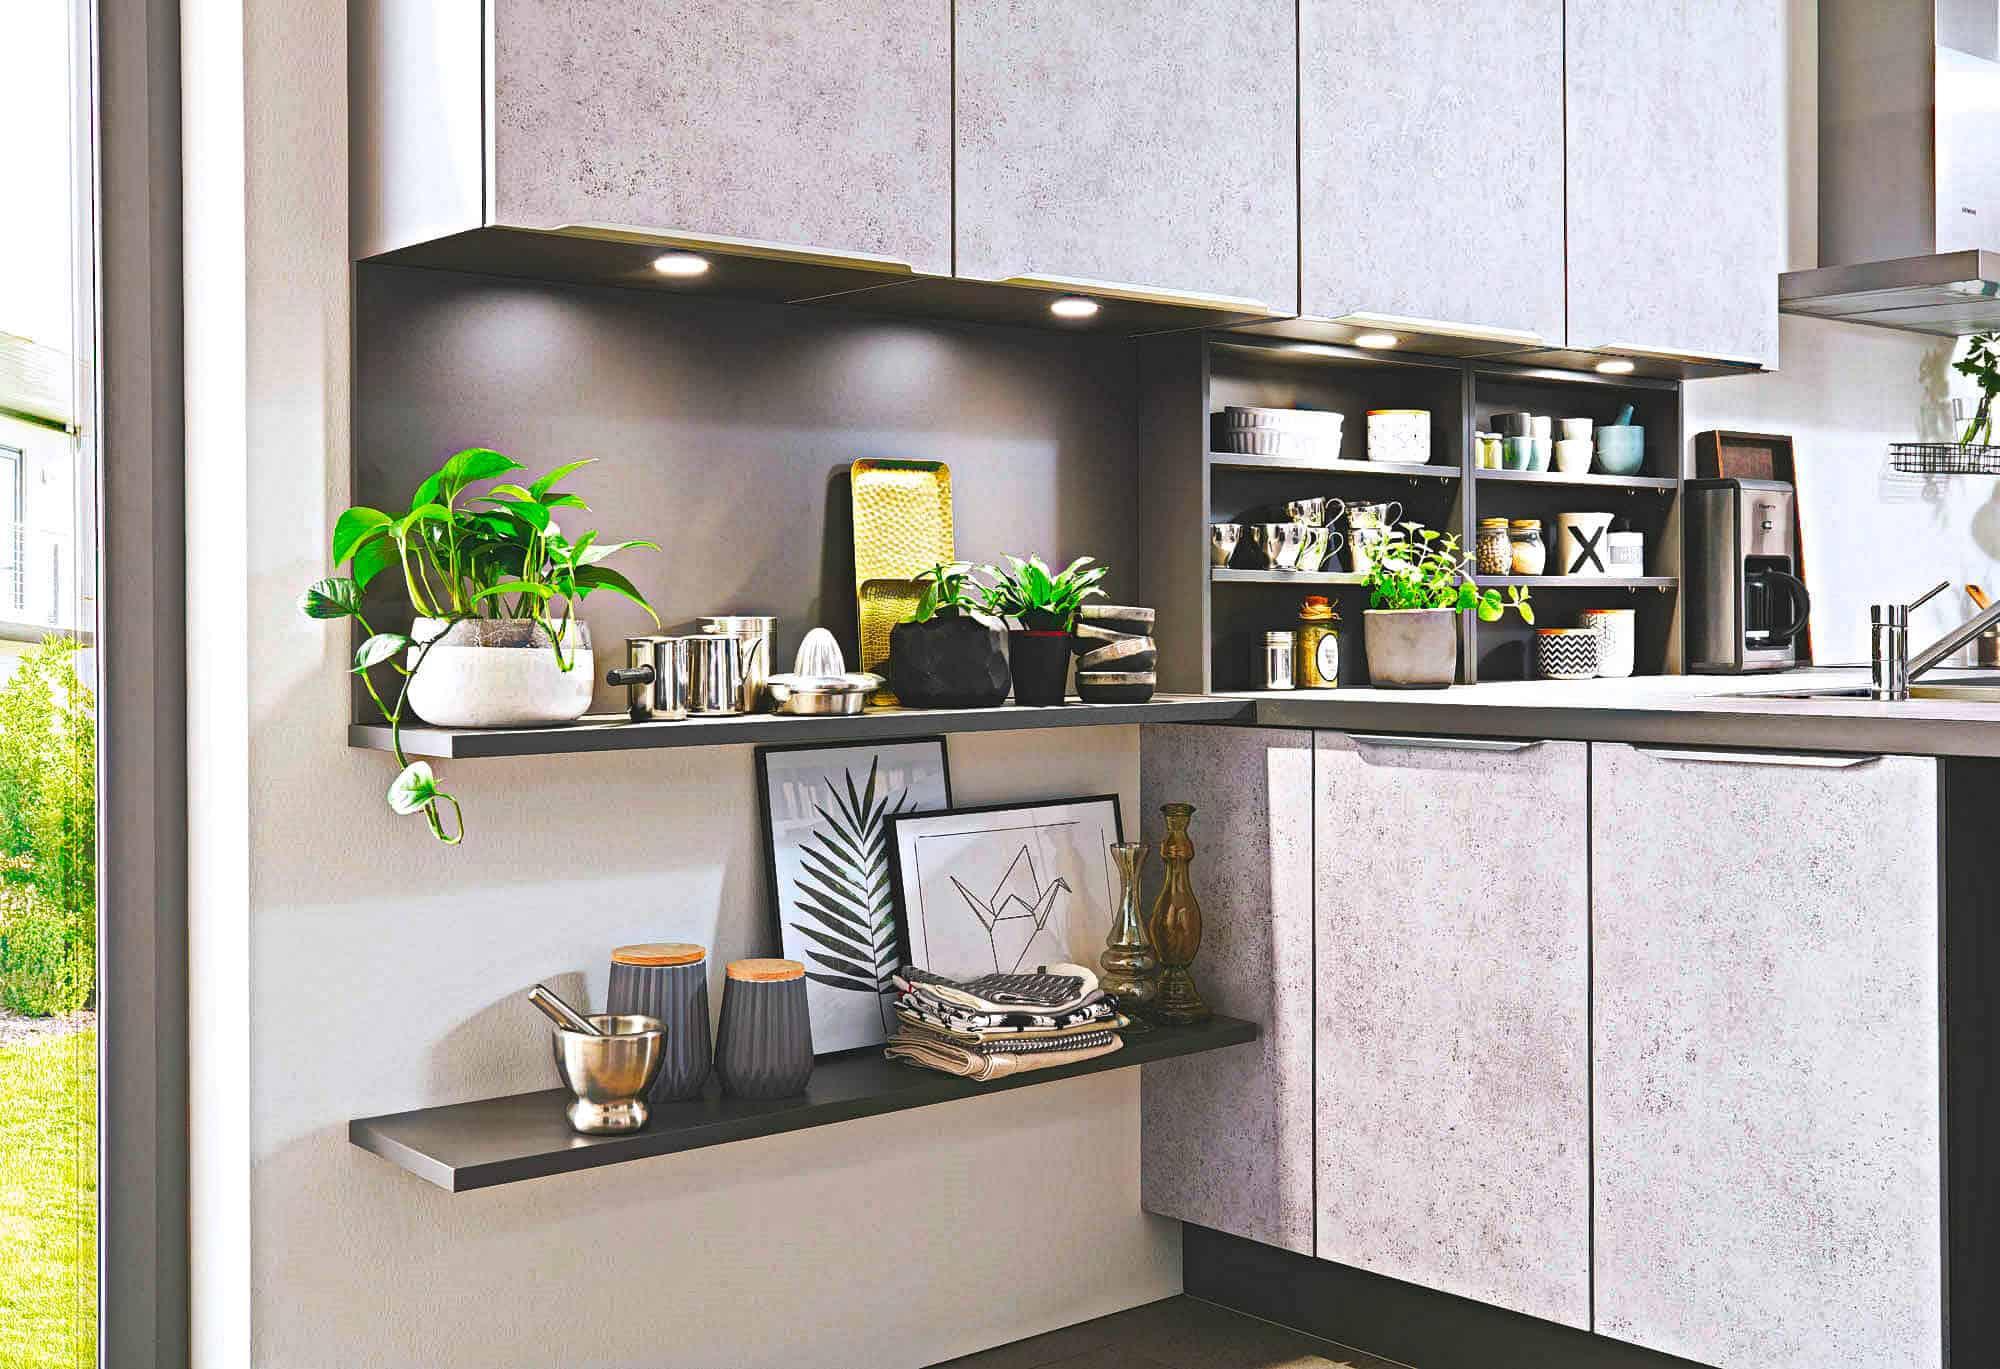 Ausgezeichnet Billige Schwarze Küchenschrank Griffe Galerie - Ideen ...